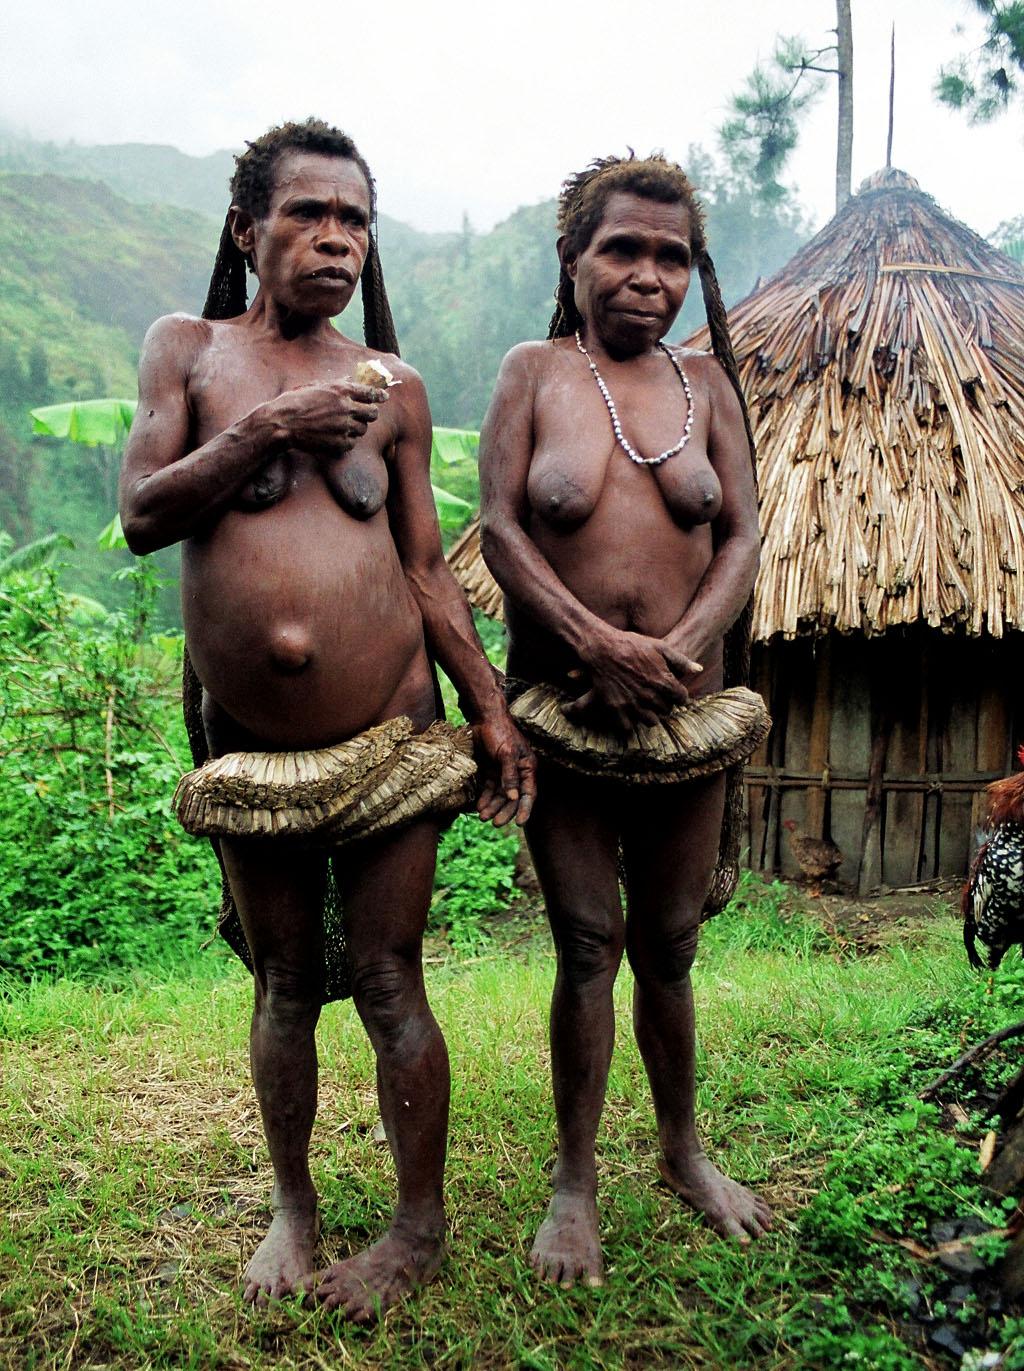 Смотреть онлайн секс как это у папуасов 10 фотография